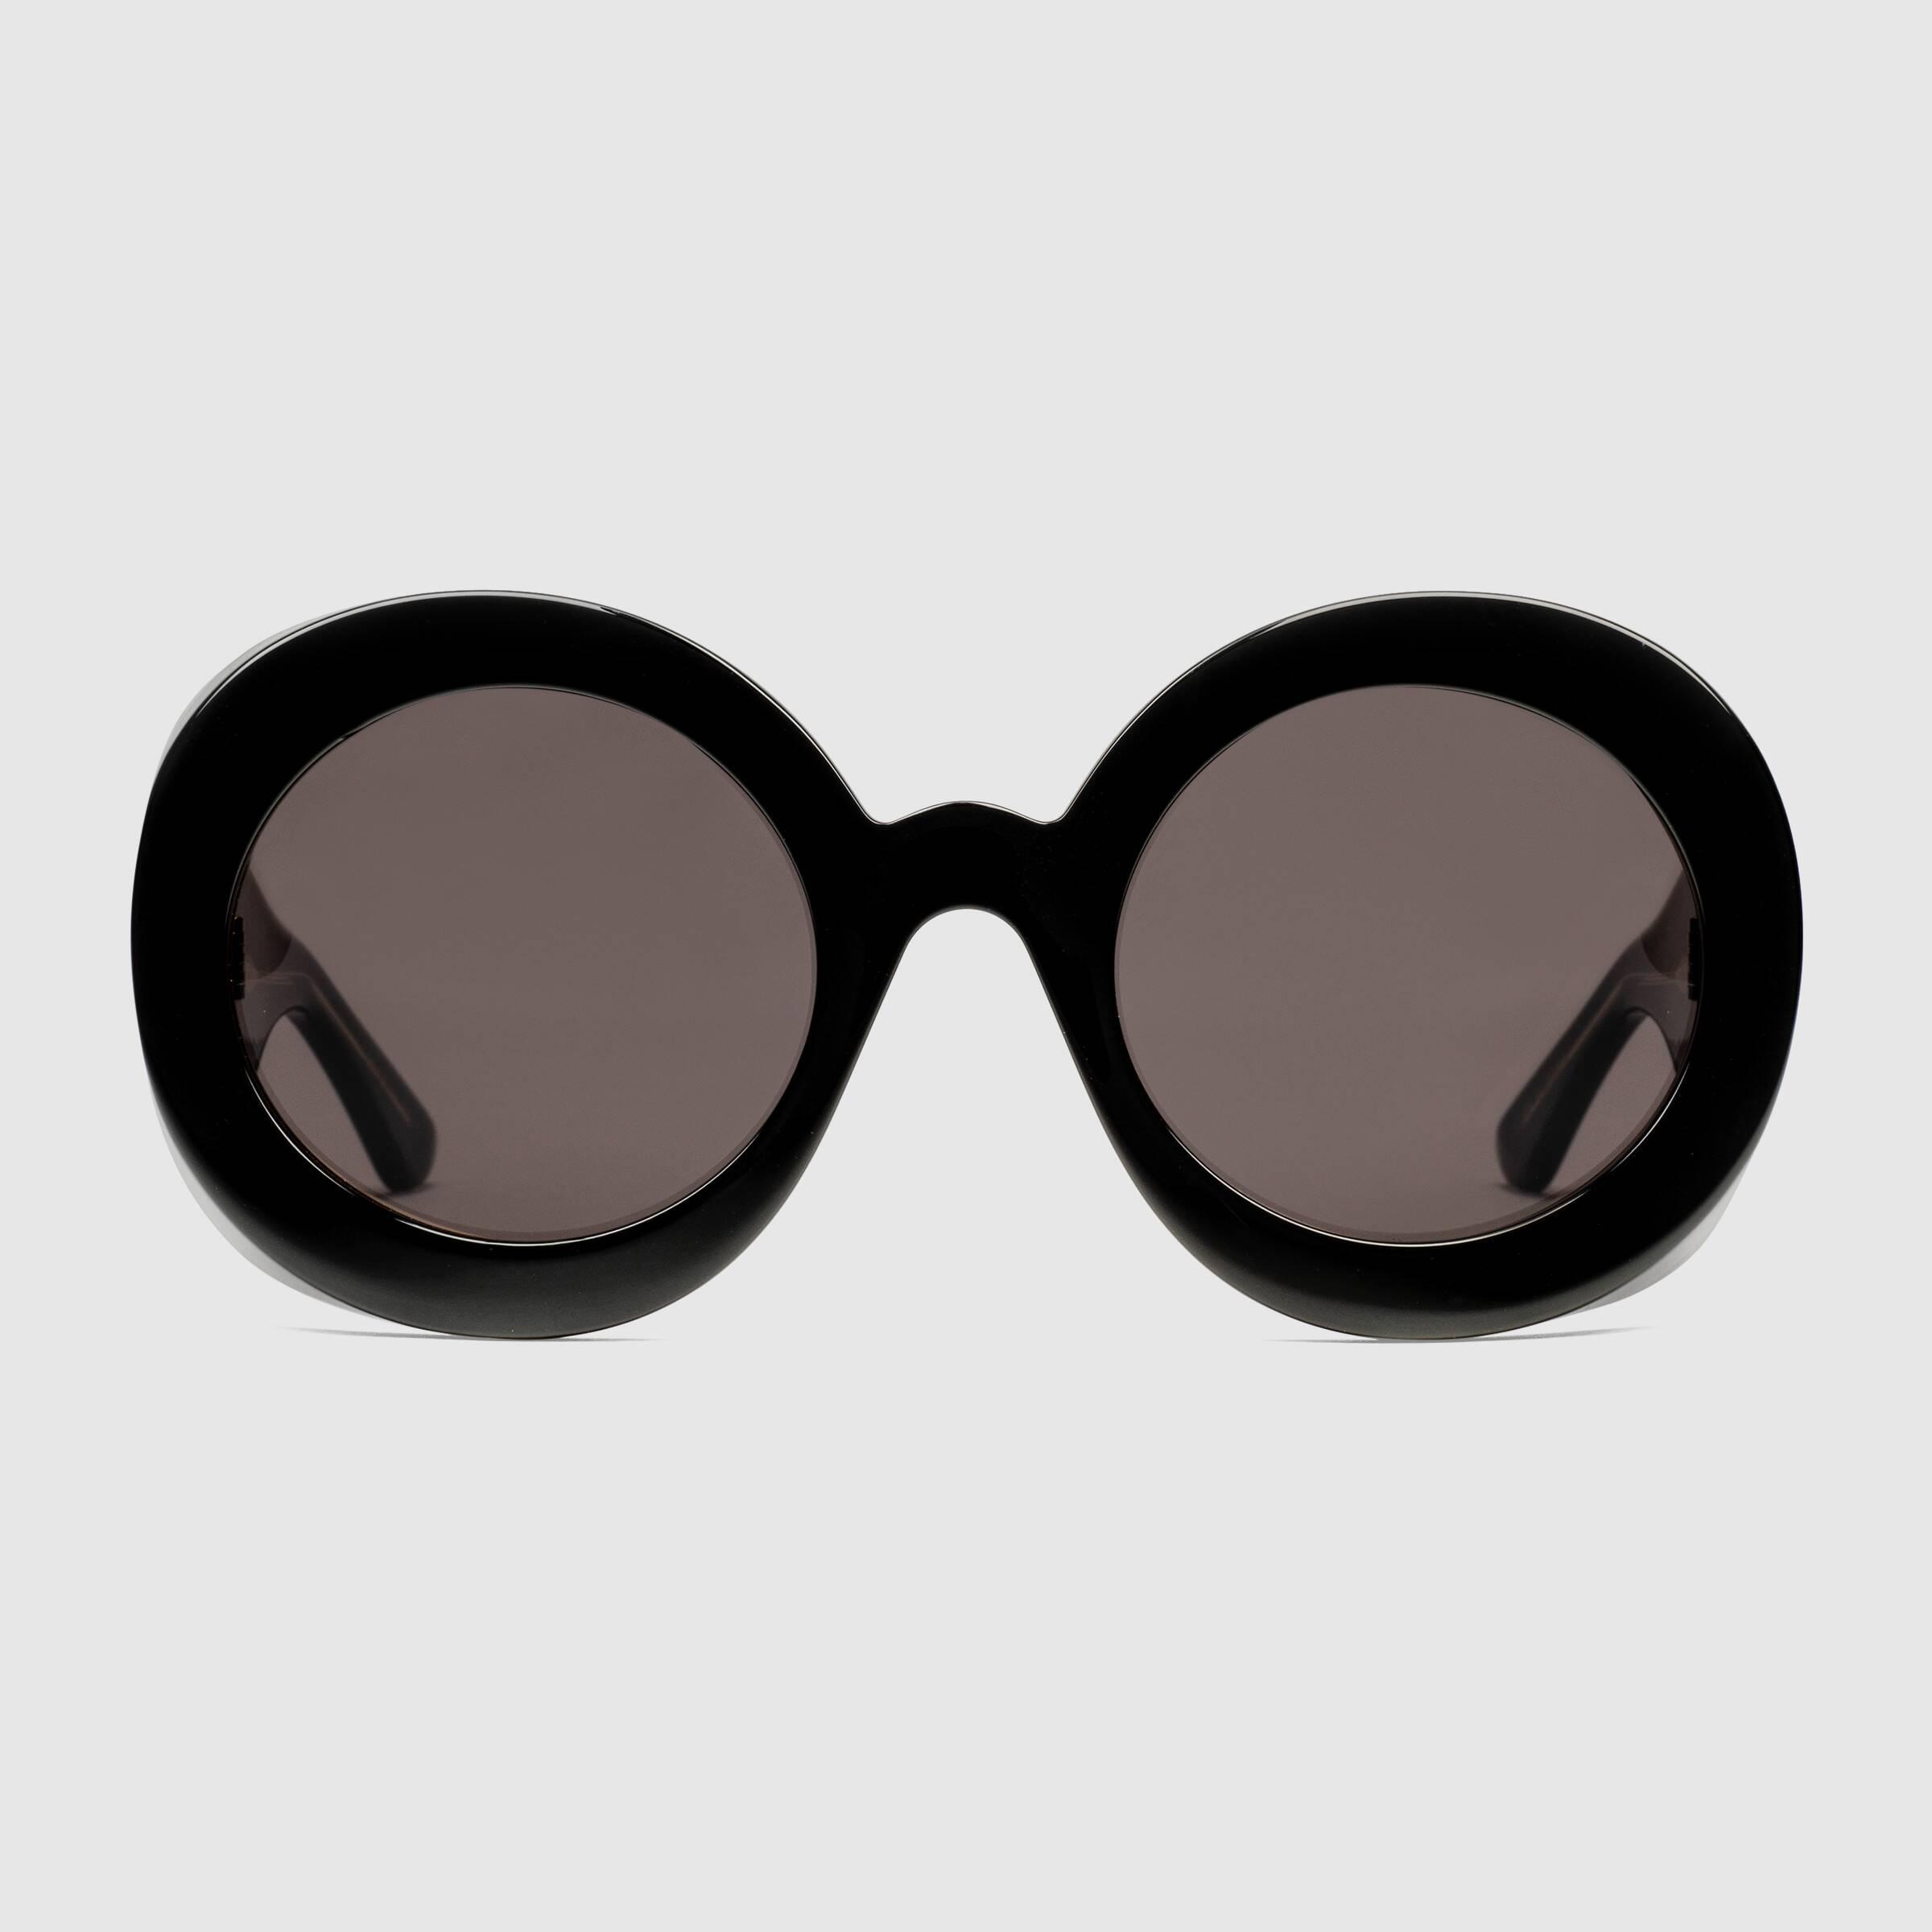 Mắt kính đen gọng tròn to bản Gucci